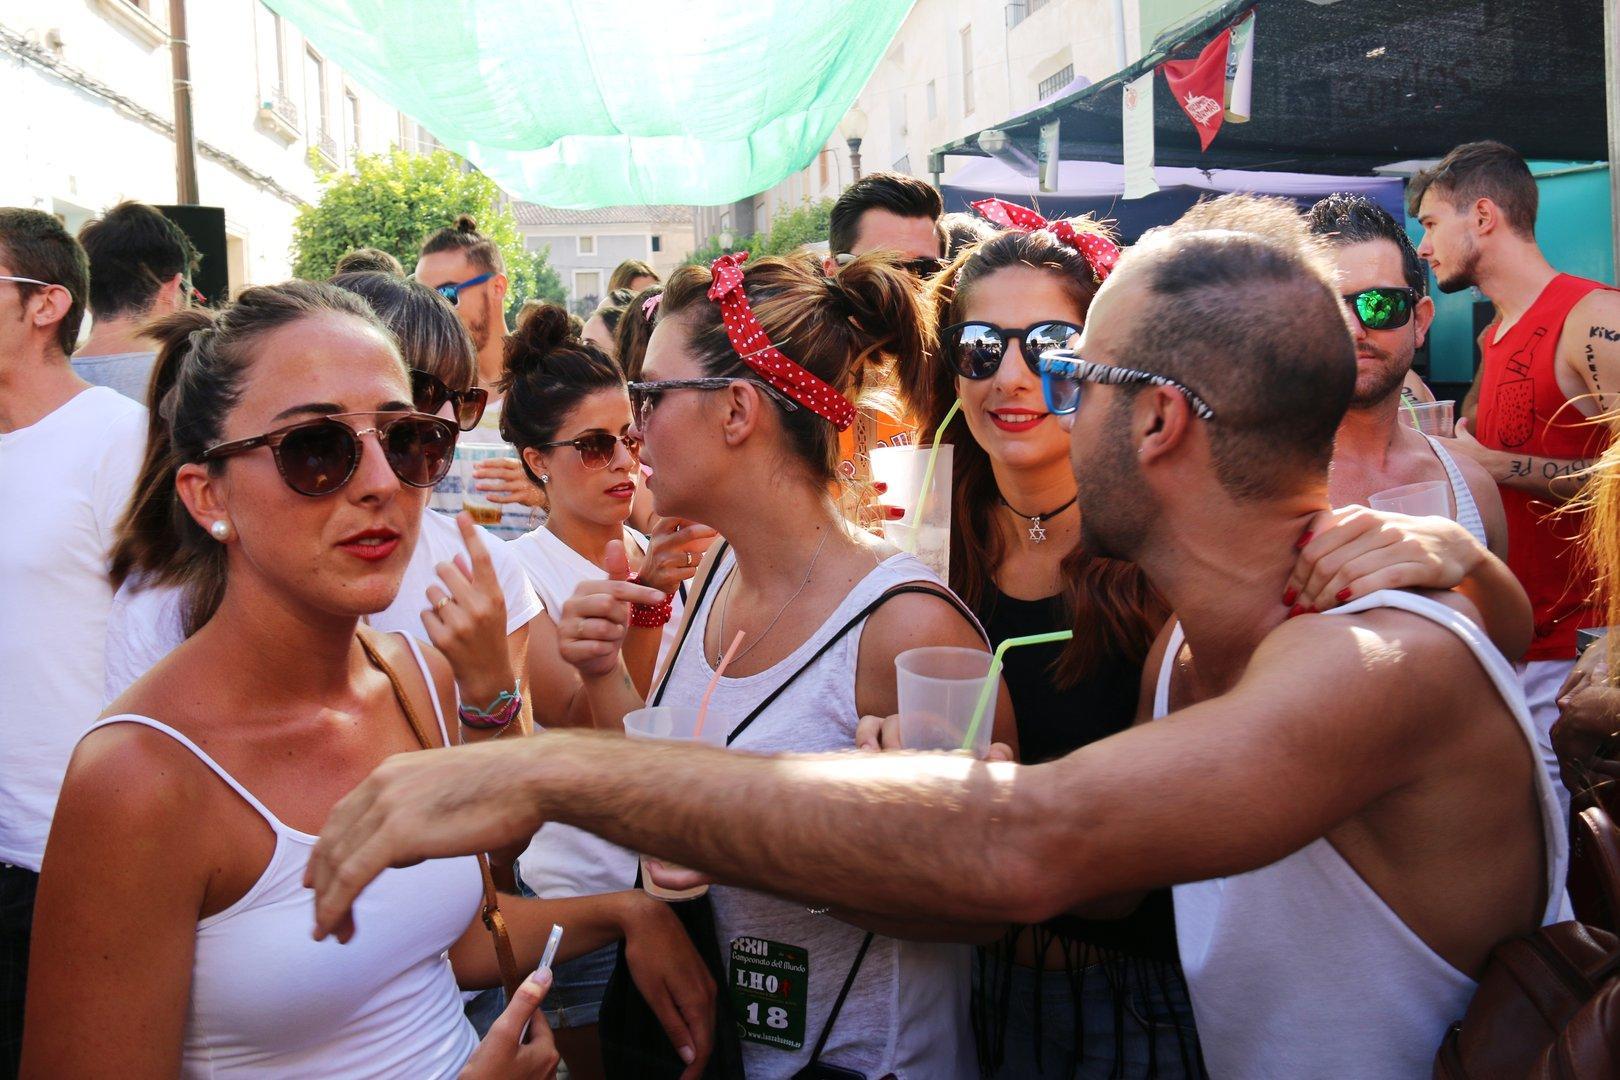 Fiestas de cieza 2016 Viernes 26 y Lanzamiento de Hueso de Oliva